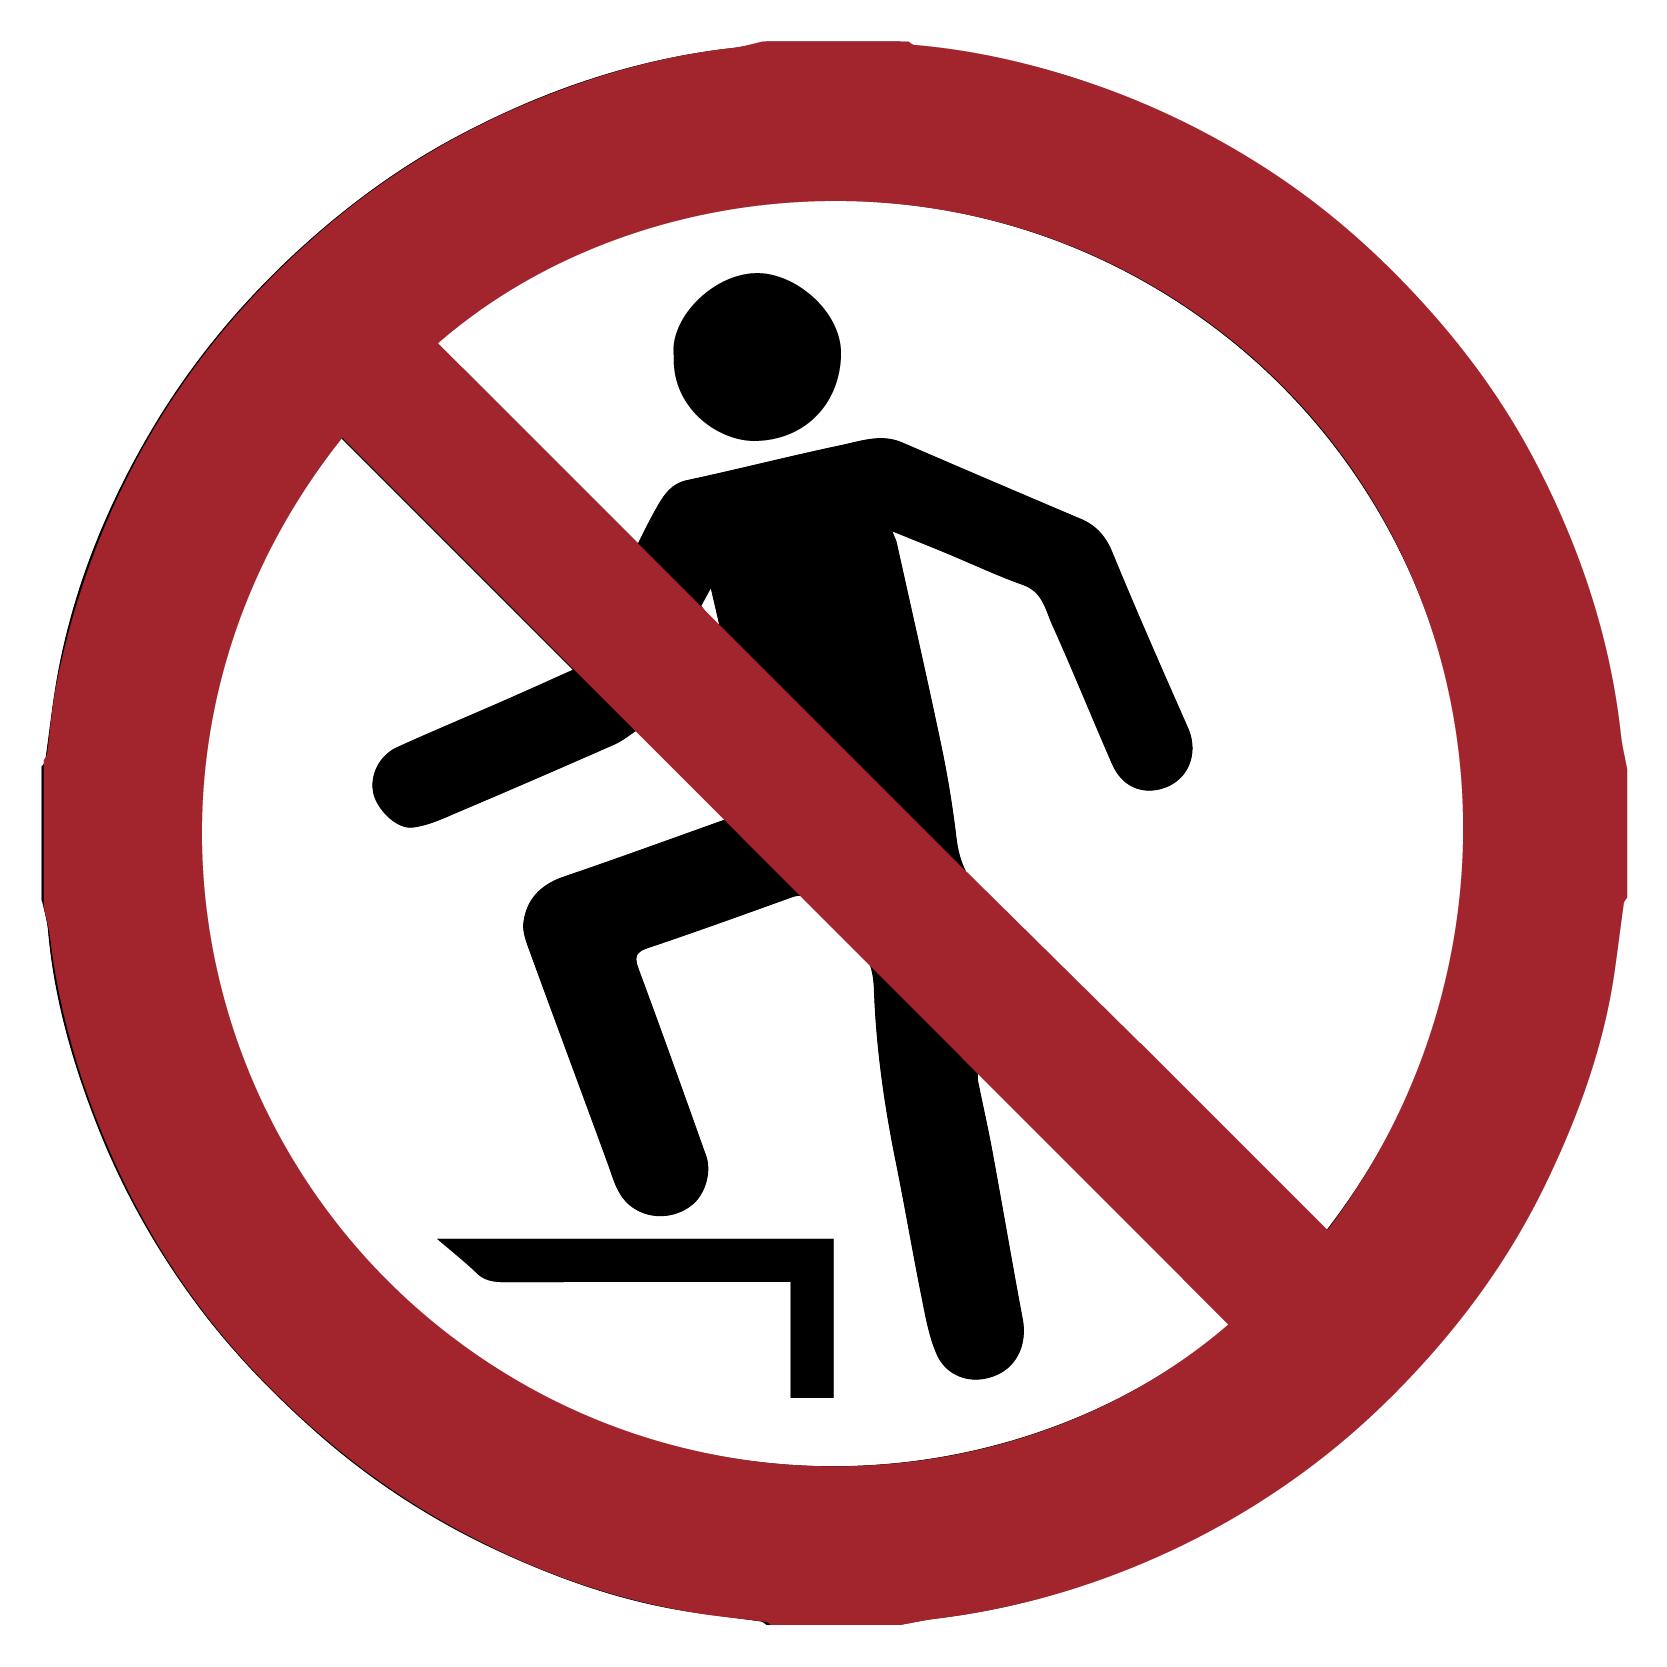 Aufsteigen_verboten